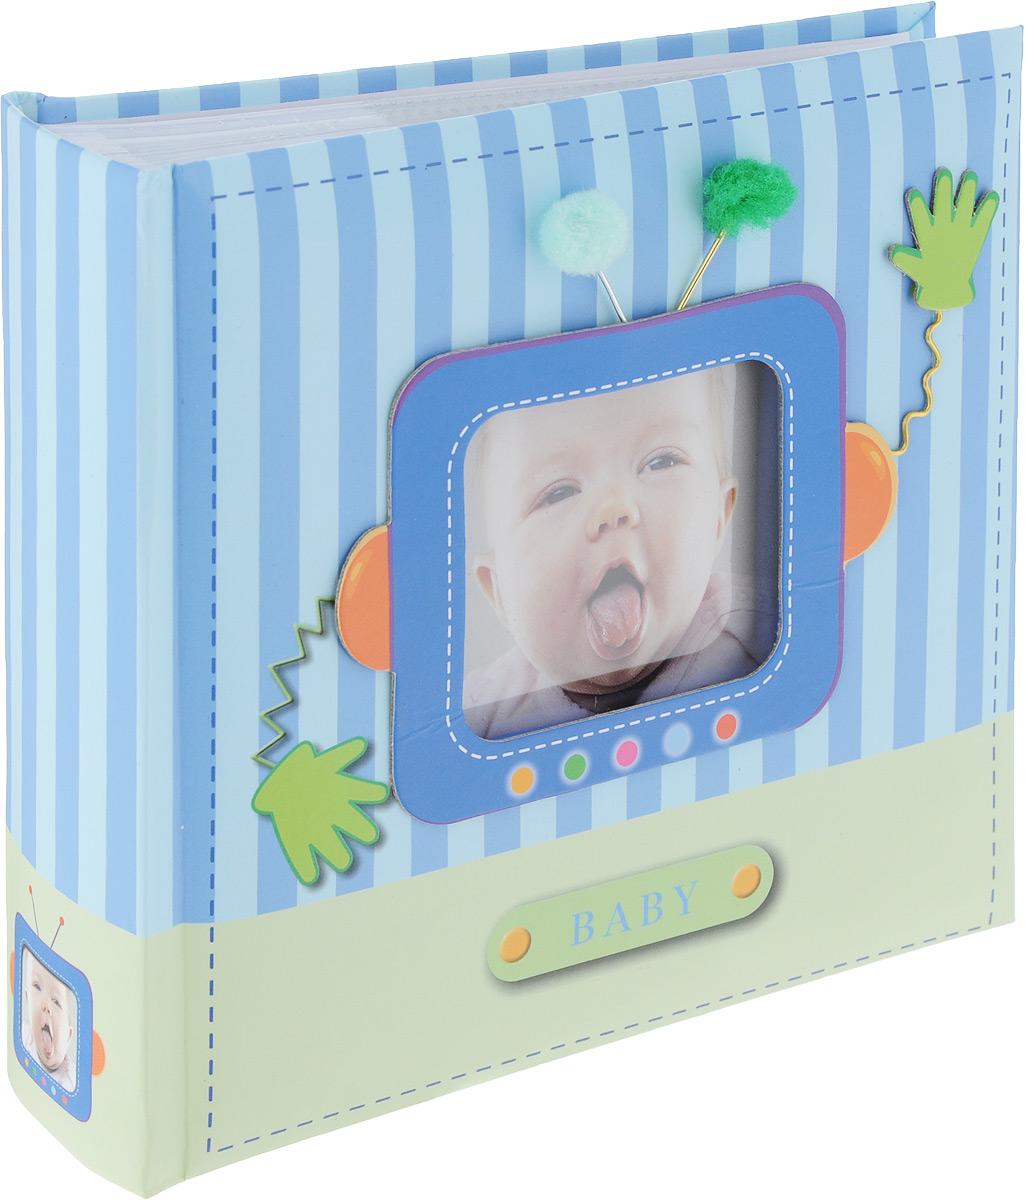 ФотоальбомImage Art -100 10x15 (BBM46100/1) серия 038 детский, цвет: голубой74-0060Фотоальбом Image Art Baby поможет красиво оформить фотографии вашего малыша. Обложка выполнена из толстого картона. С лицевой стороны обложки имеется квадратное окошко для вашей самой любимой фотографии. Внутри содержится блок из 50 белых листов с фиксаторами-окошками из полипропилена. Альбом рассчитан на 100 фотографий формата 10 см х 15 см. Для фотографий предусмотрено поле для записей. Переплет - книжный. Нам всегда так приятно вспоминать о самых счастливых моментах жизни, запечатленных на фотографиях. Поэтому фотоальбом является универсальным подарком к любому празднику.Материал: картон, бумага, полипропилен.Количество листов: 50.Размер фотографии: 10 см х 15 см.